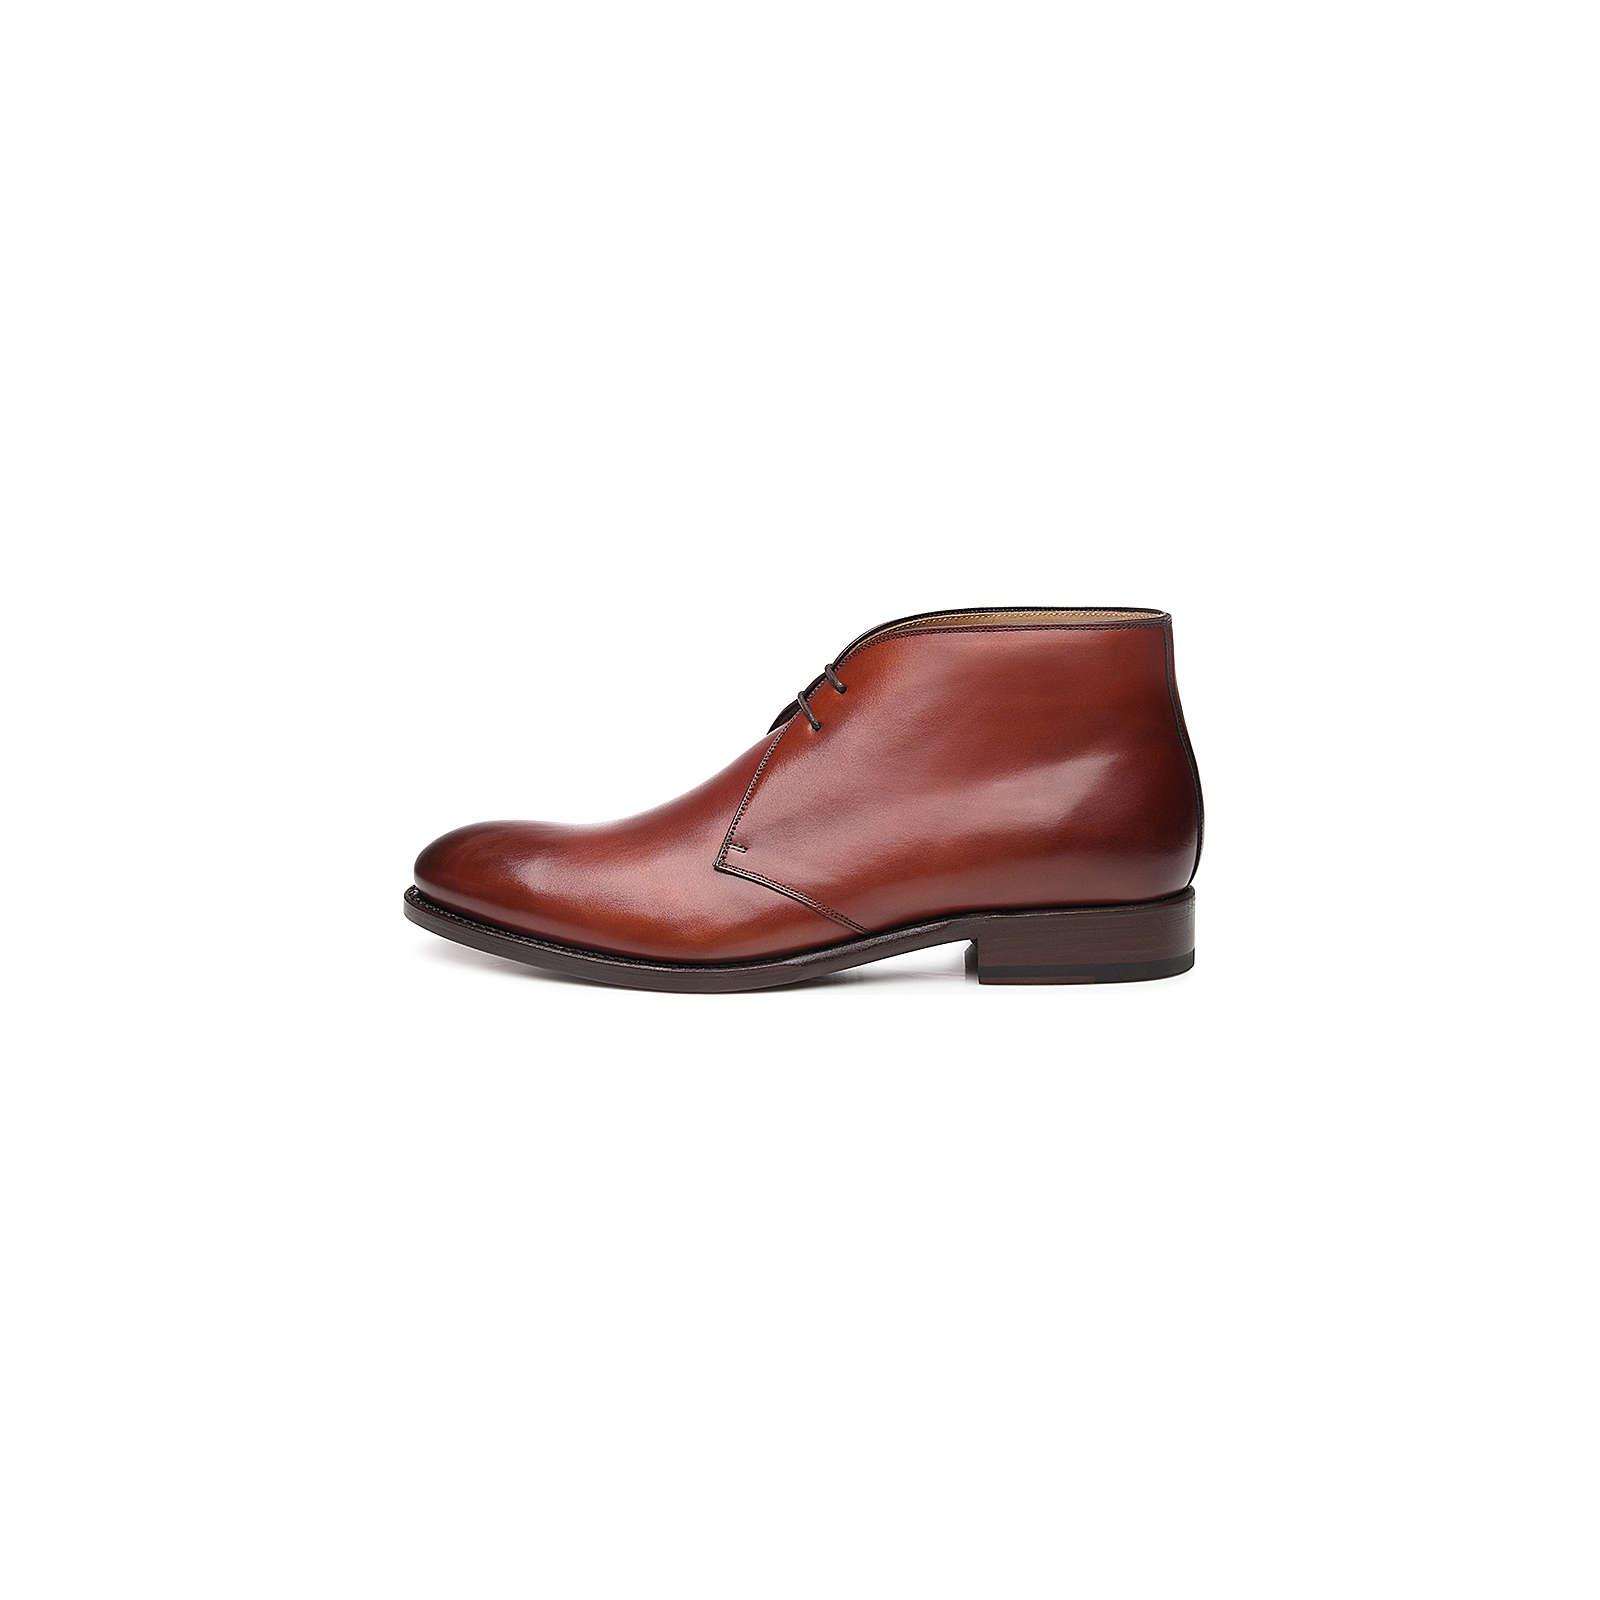 Shoepassion Chukka Boots No. 6617 Schnürstiefeletten braun Herren Gr. 42